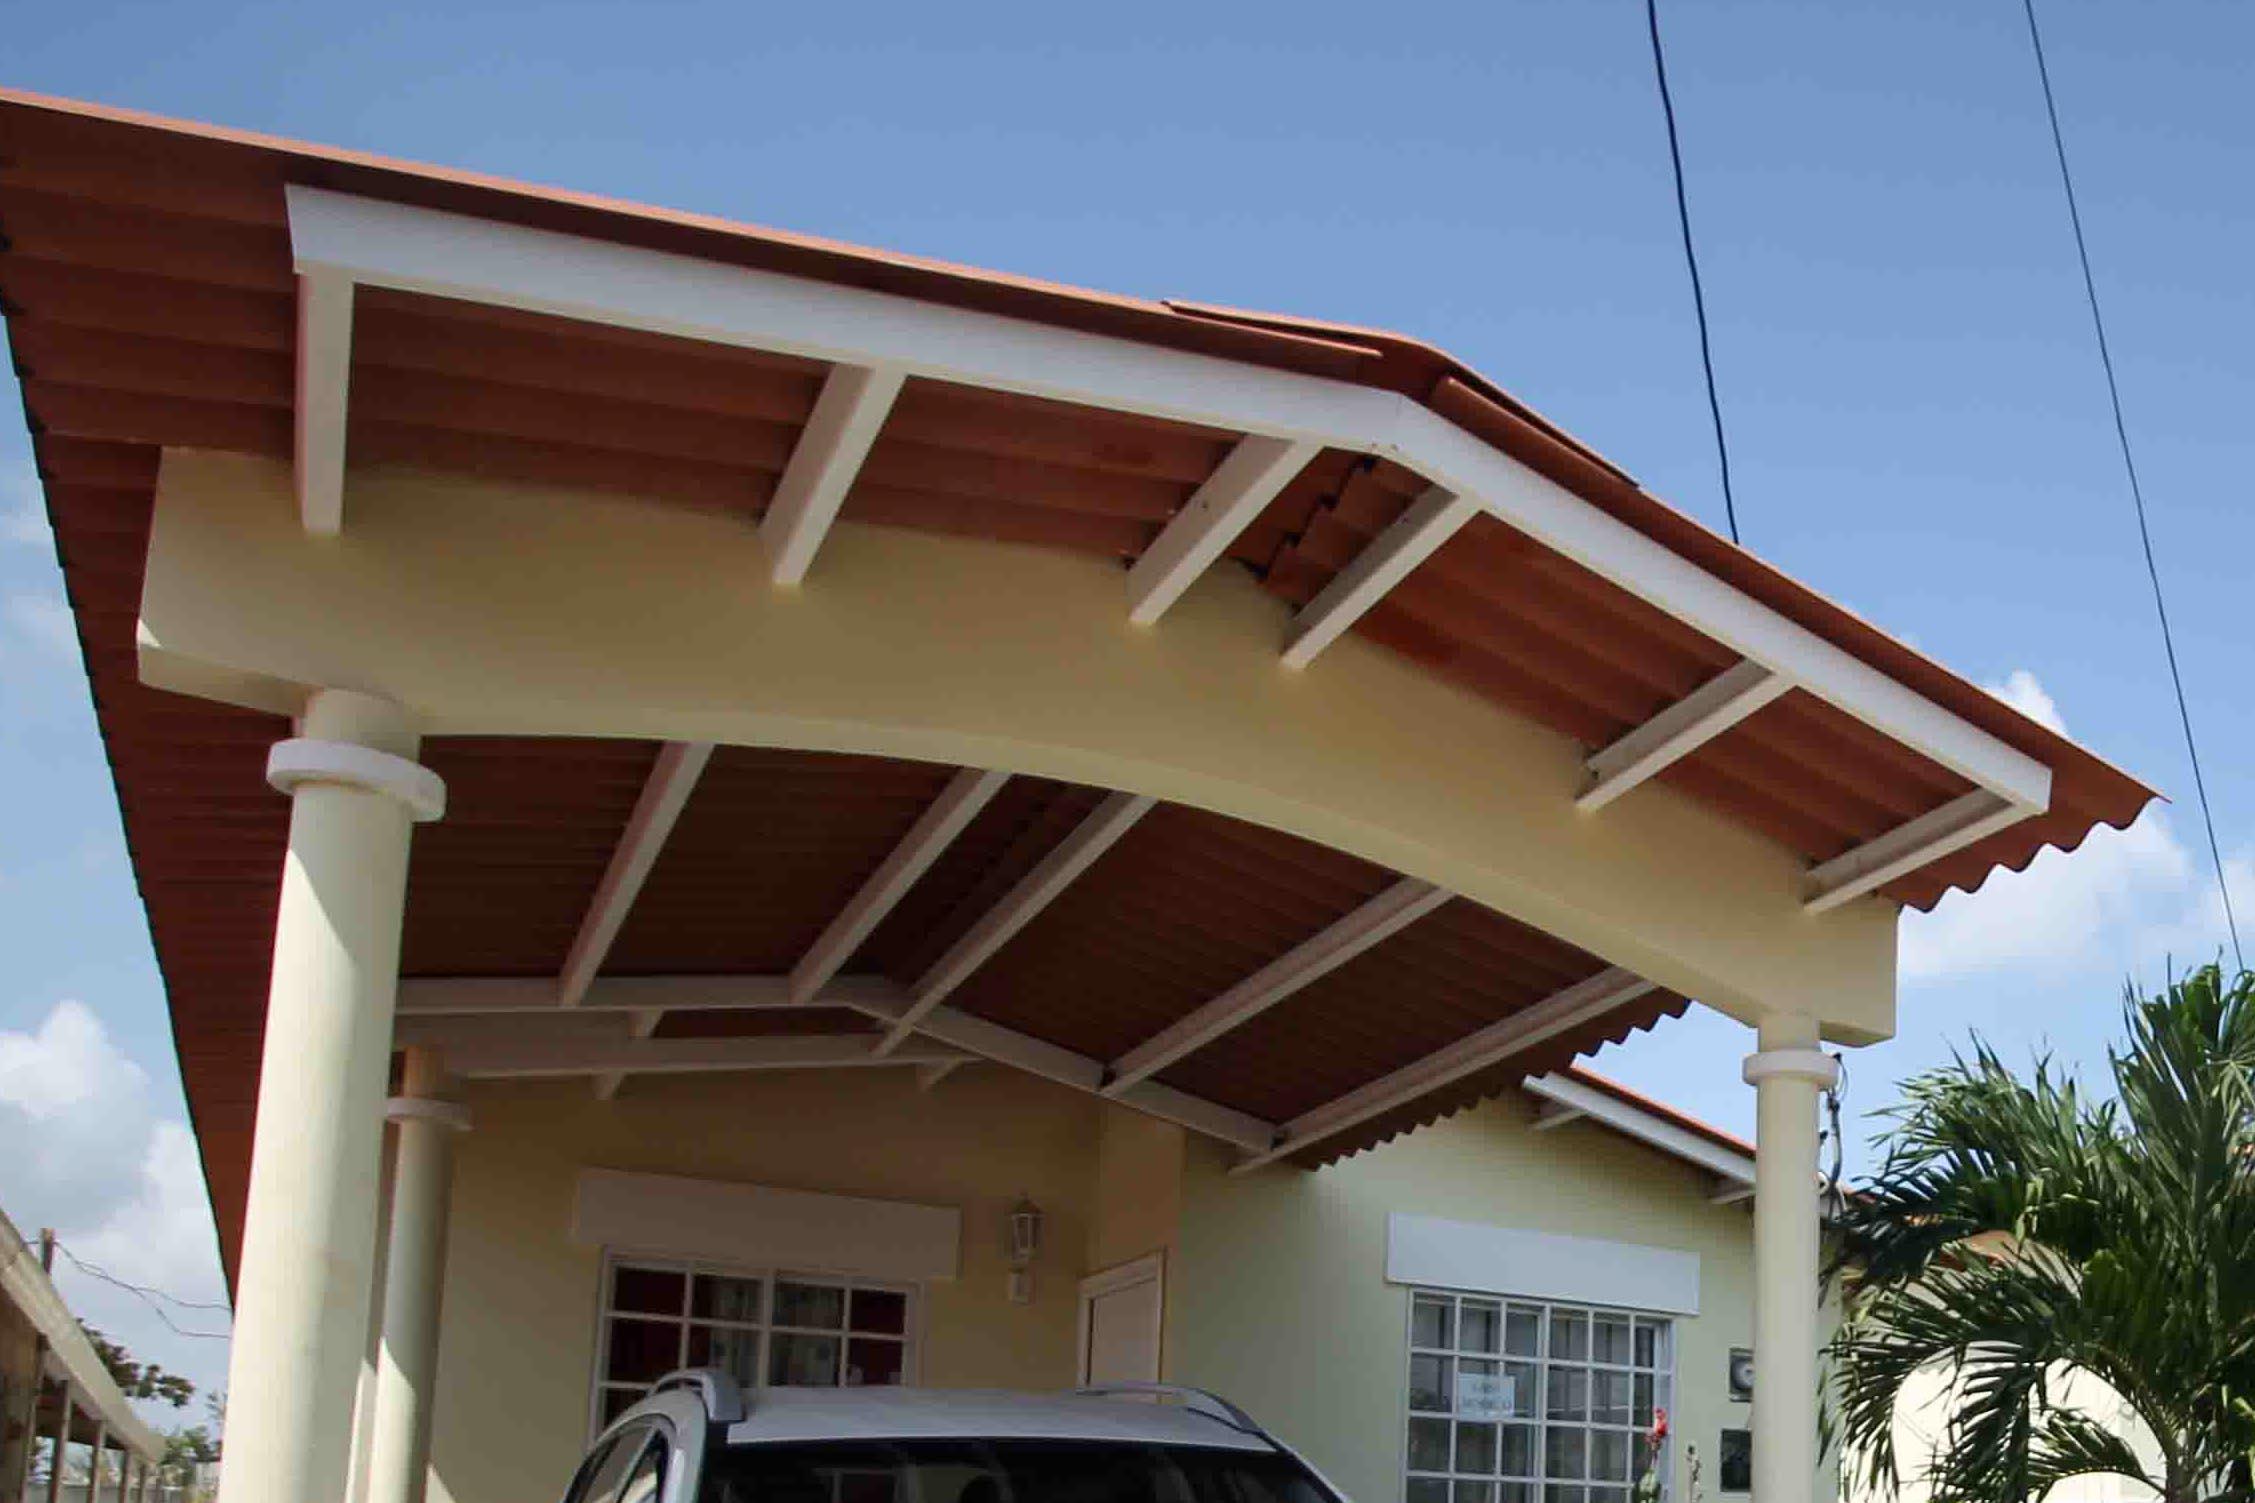 Proyectos casas proyectos casas with proyectos casas for Proyectos casas nueva